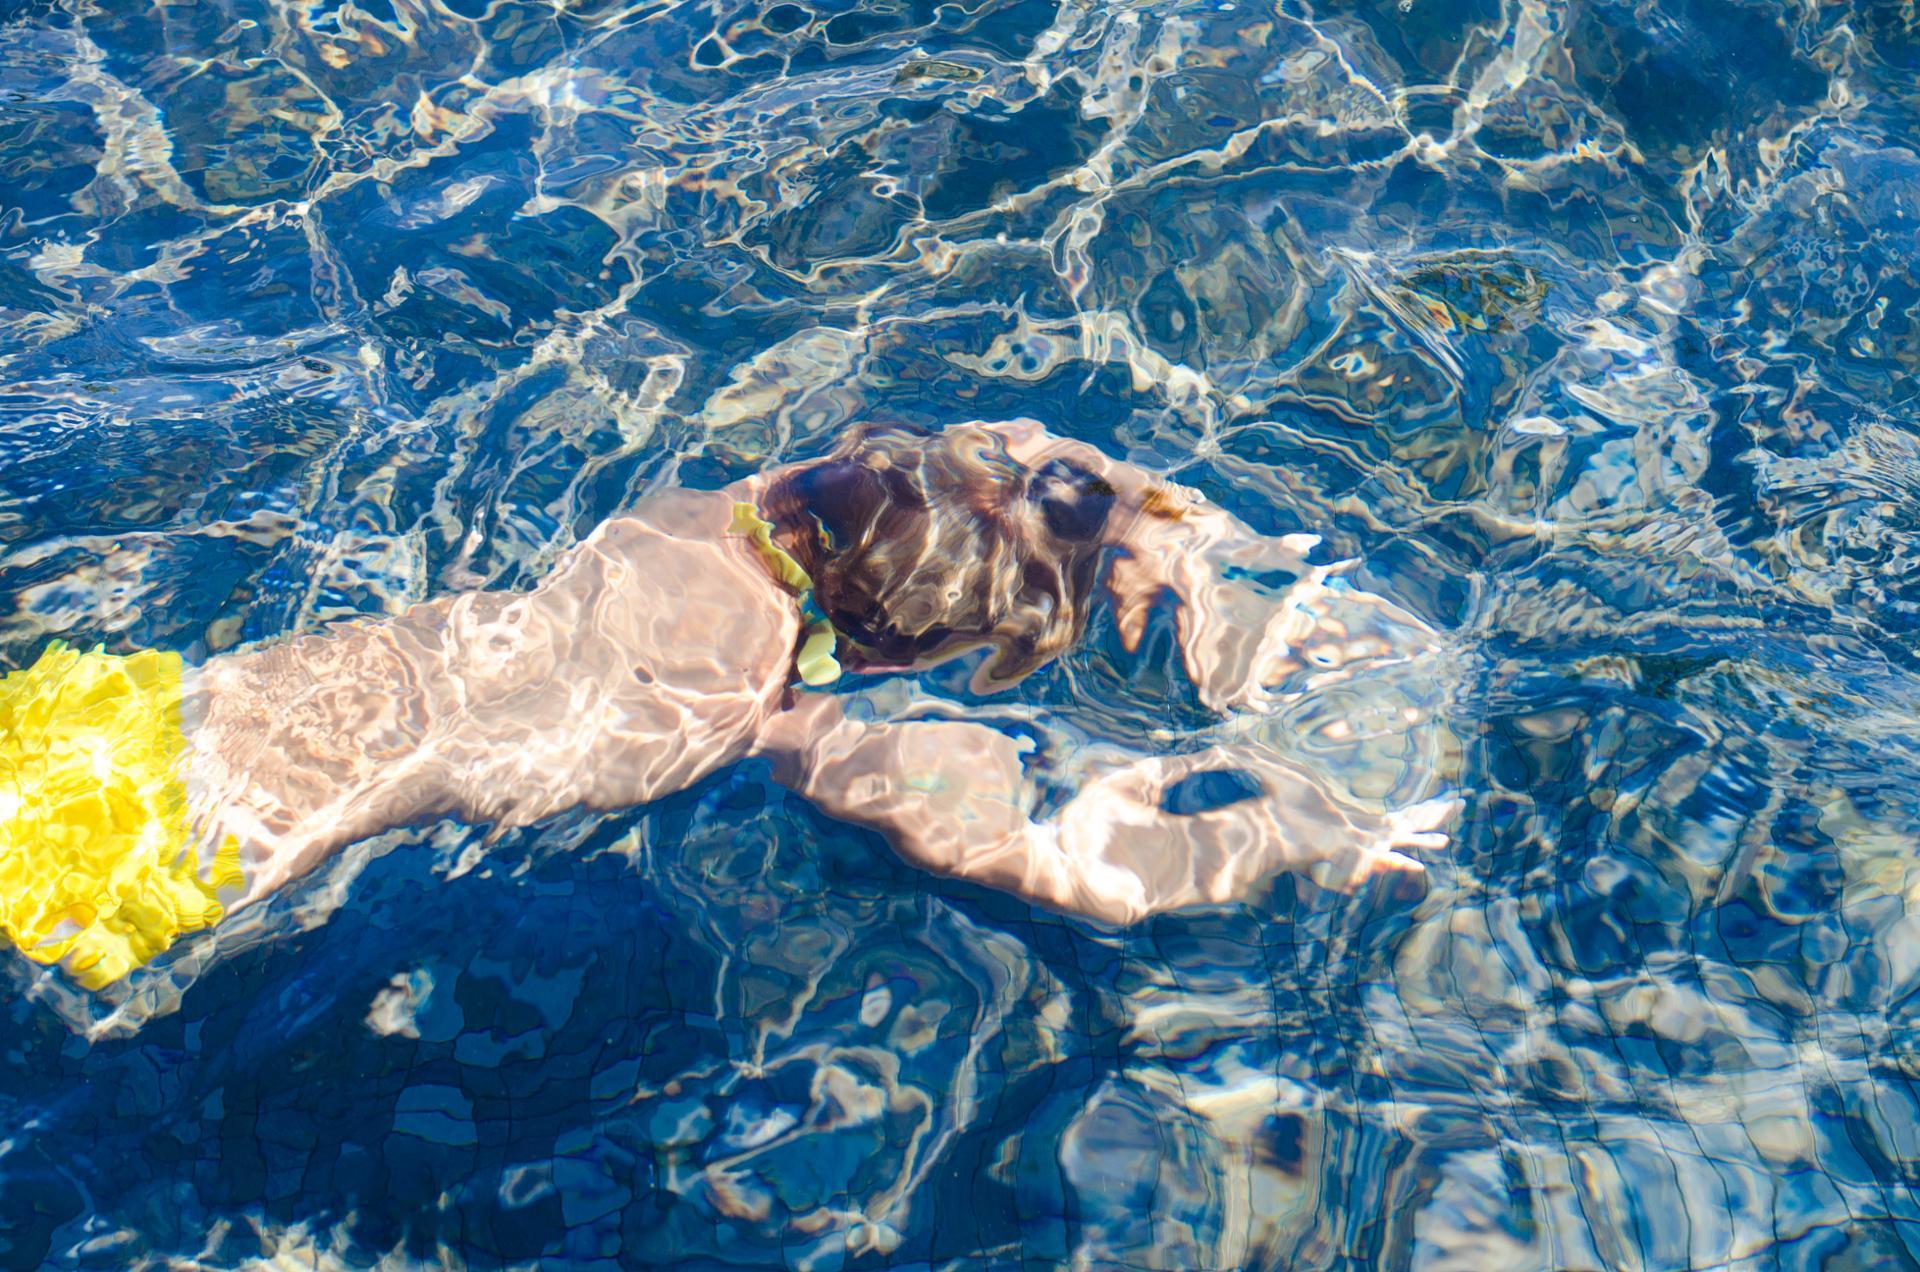 Diffraction underwater